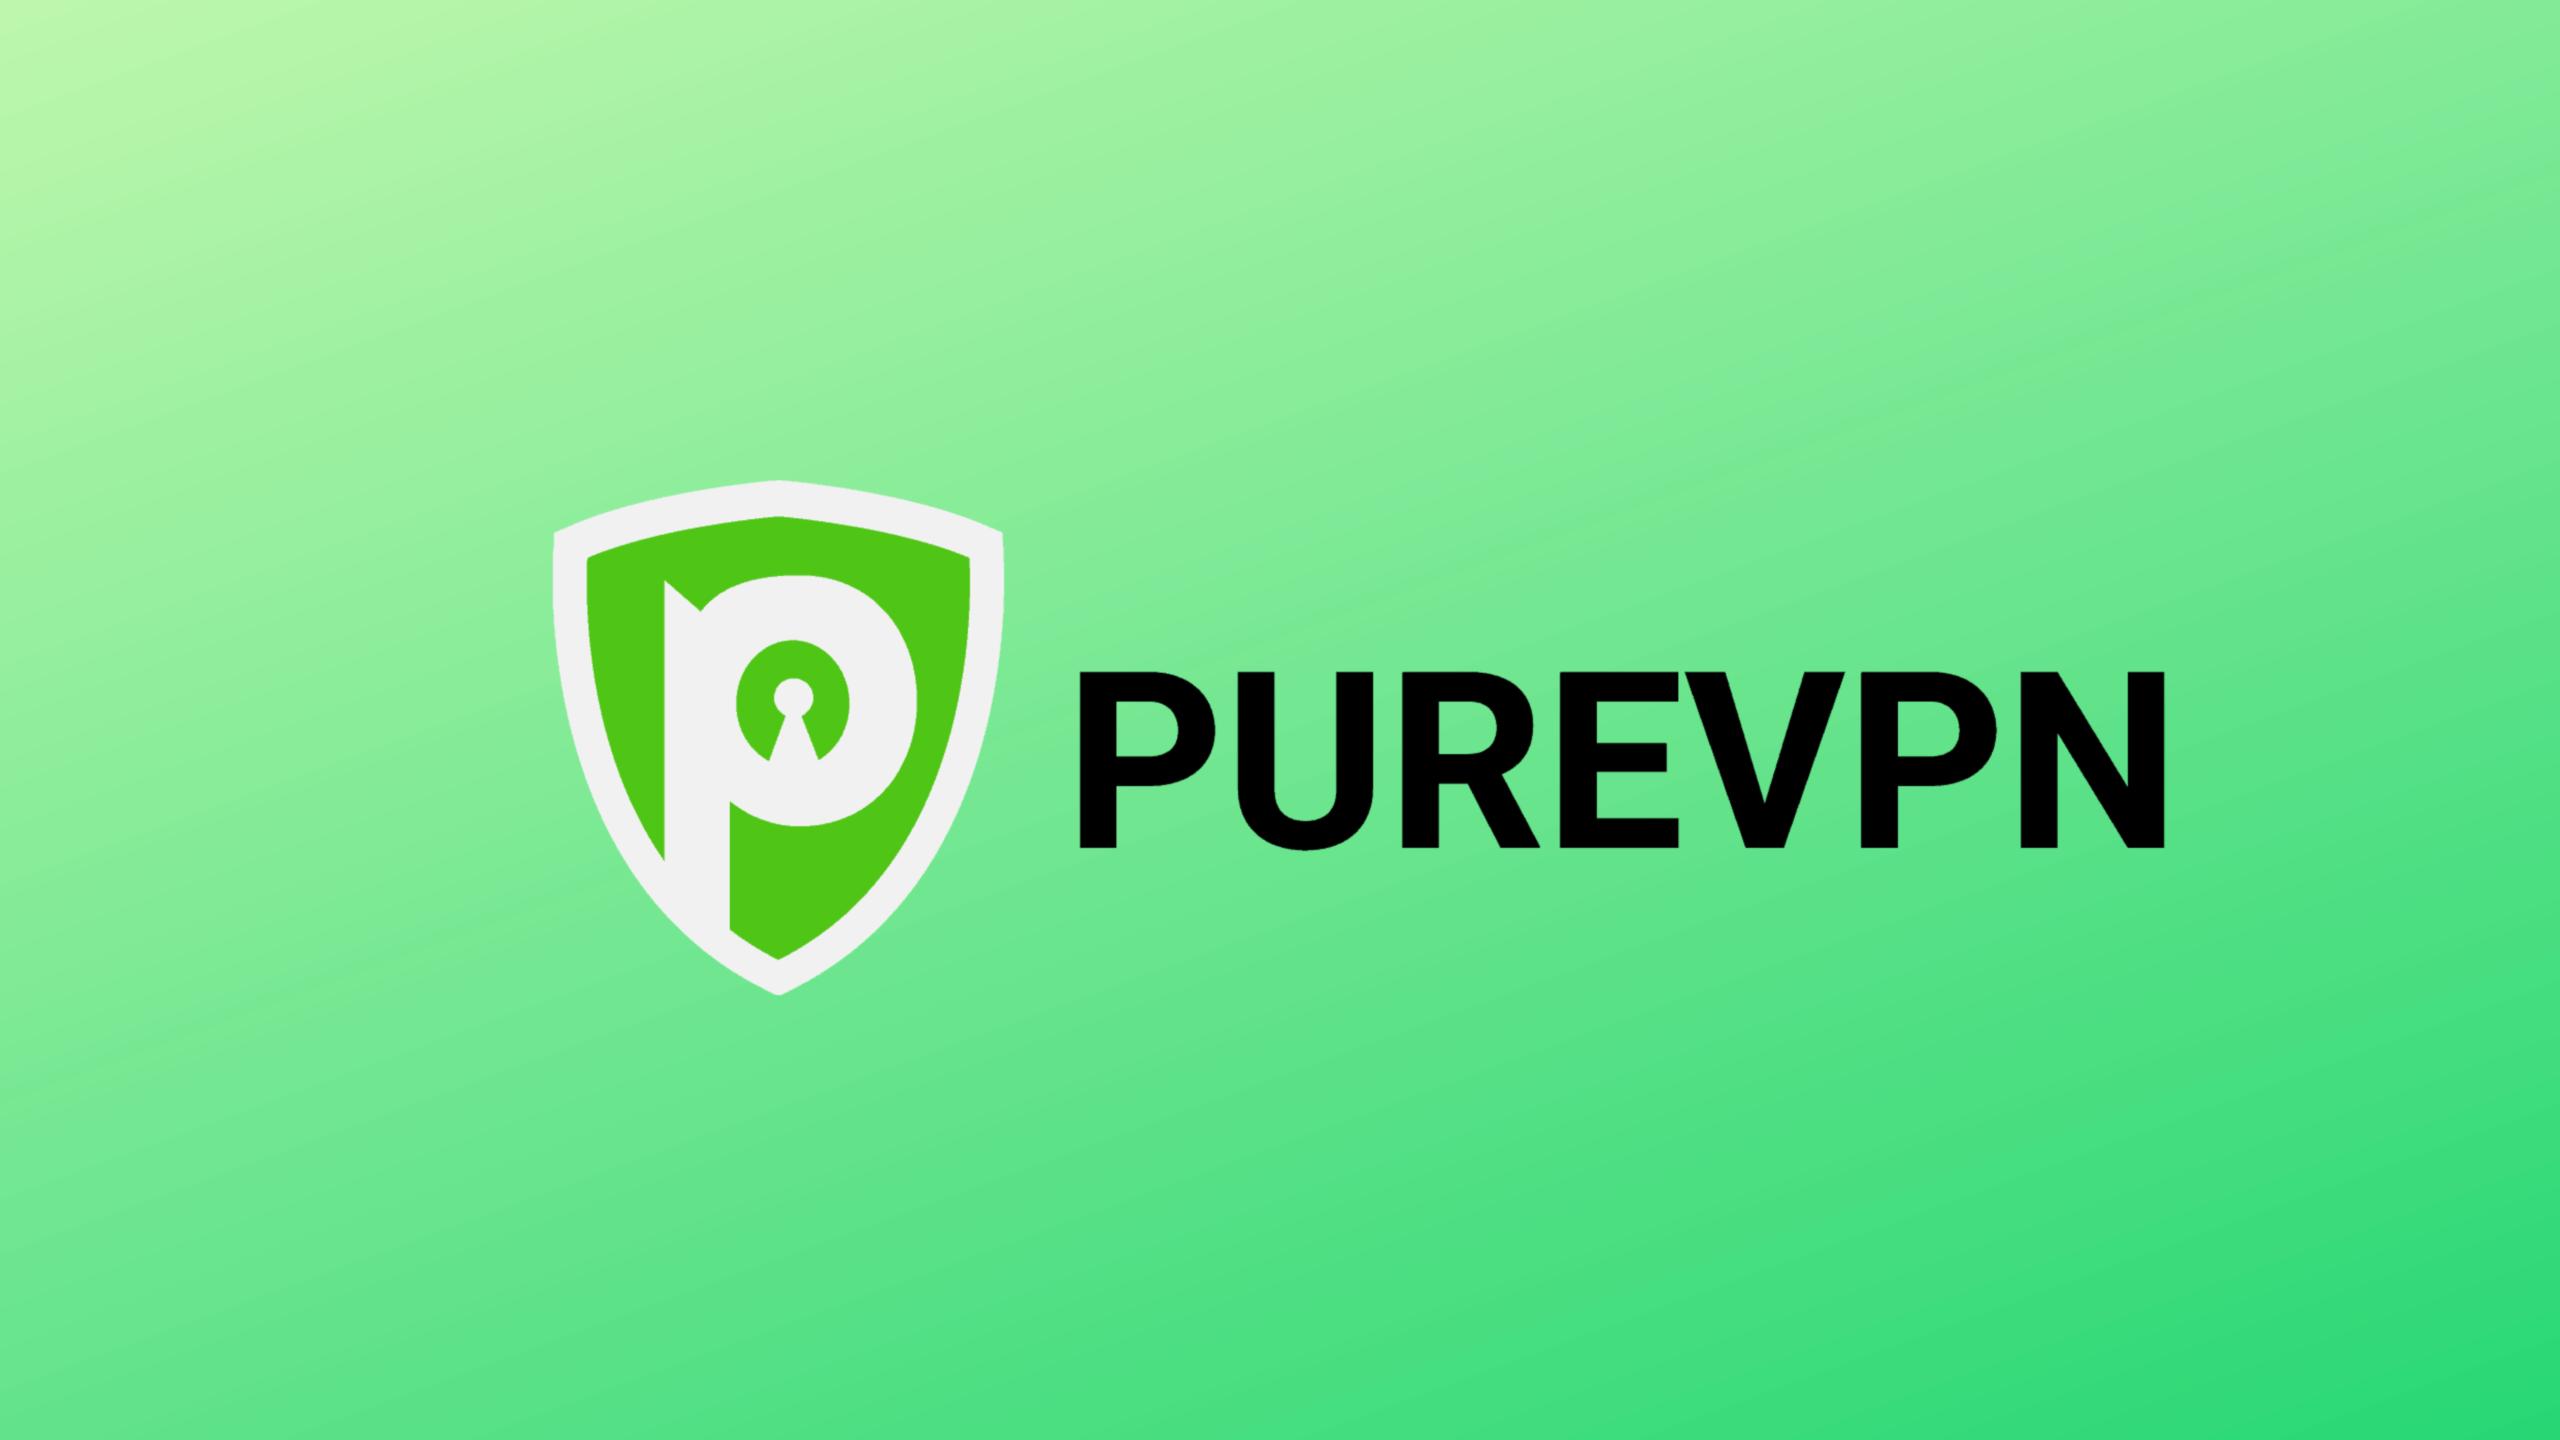 PureVPN Test 2019 - Wolf im Schafspelz? 78 techboys.de • smarte News, auf den Punkt! PureVPN Test 2019 - Wolf im Schafspelz?